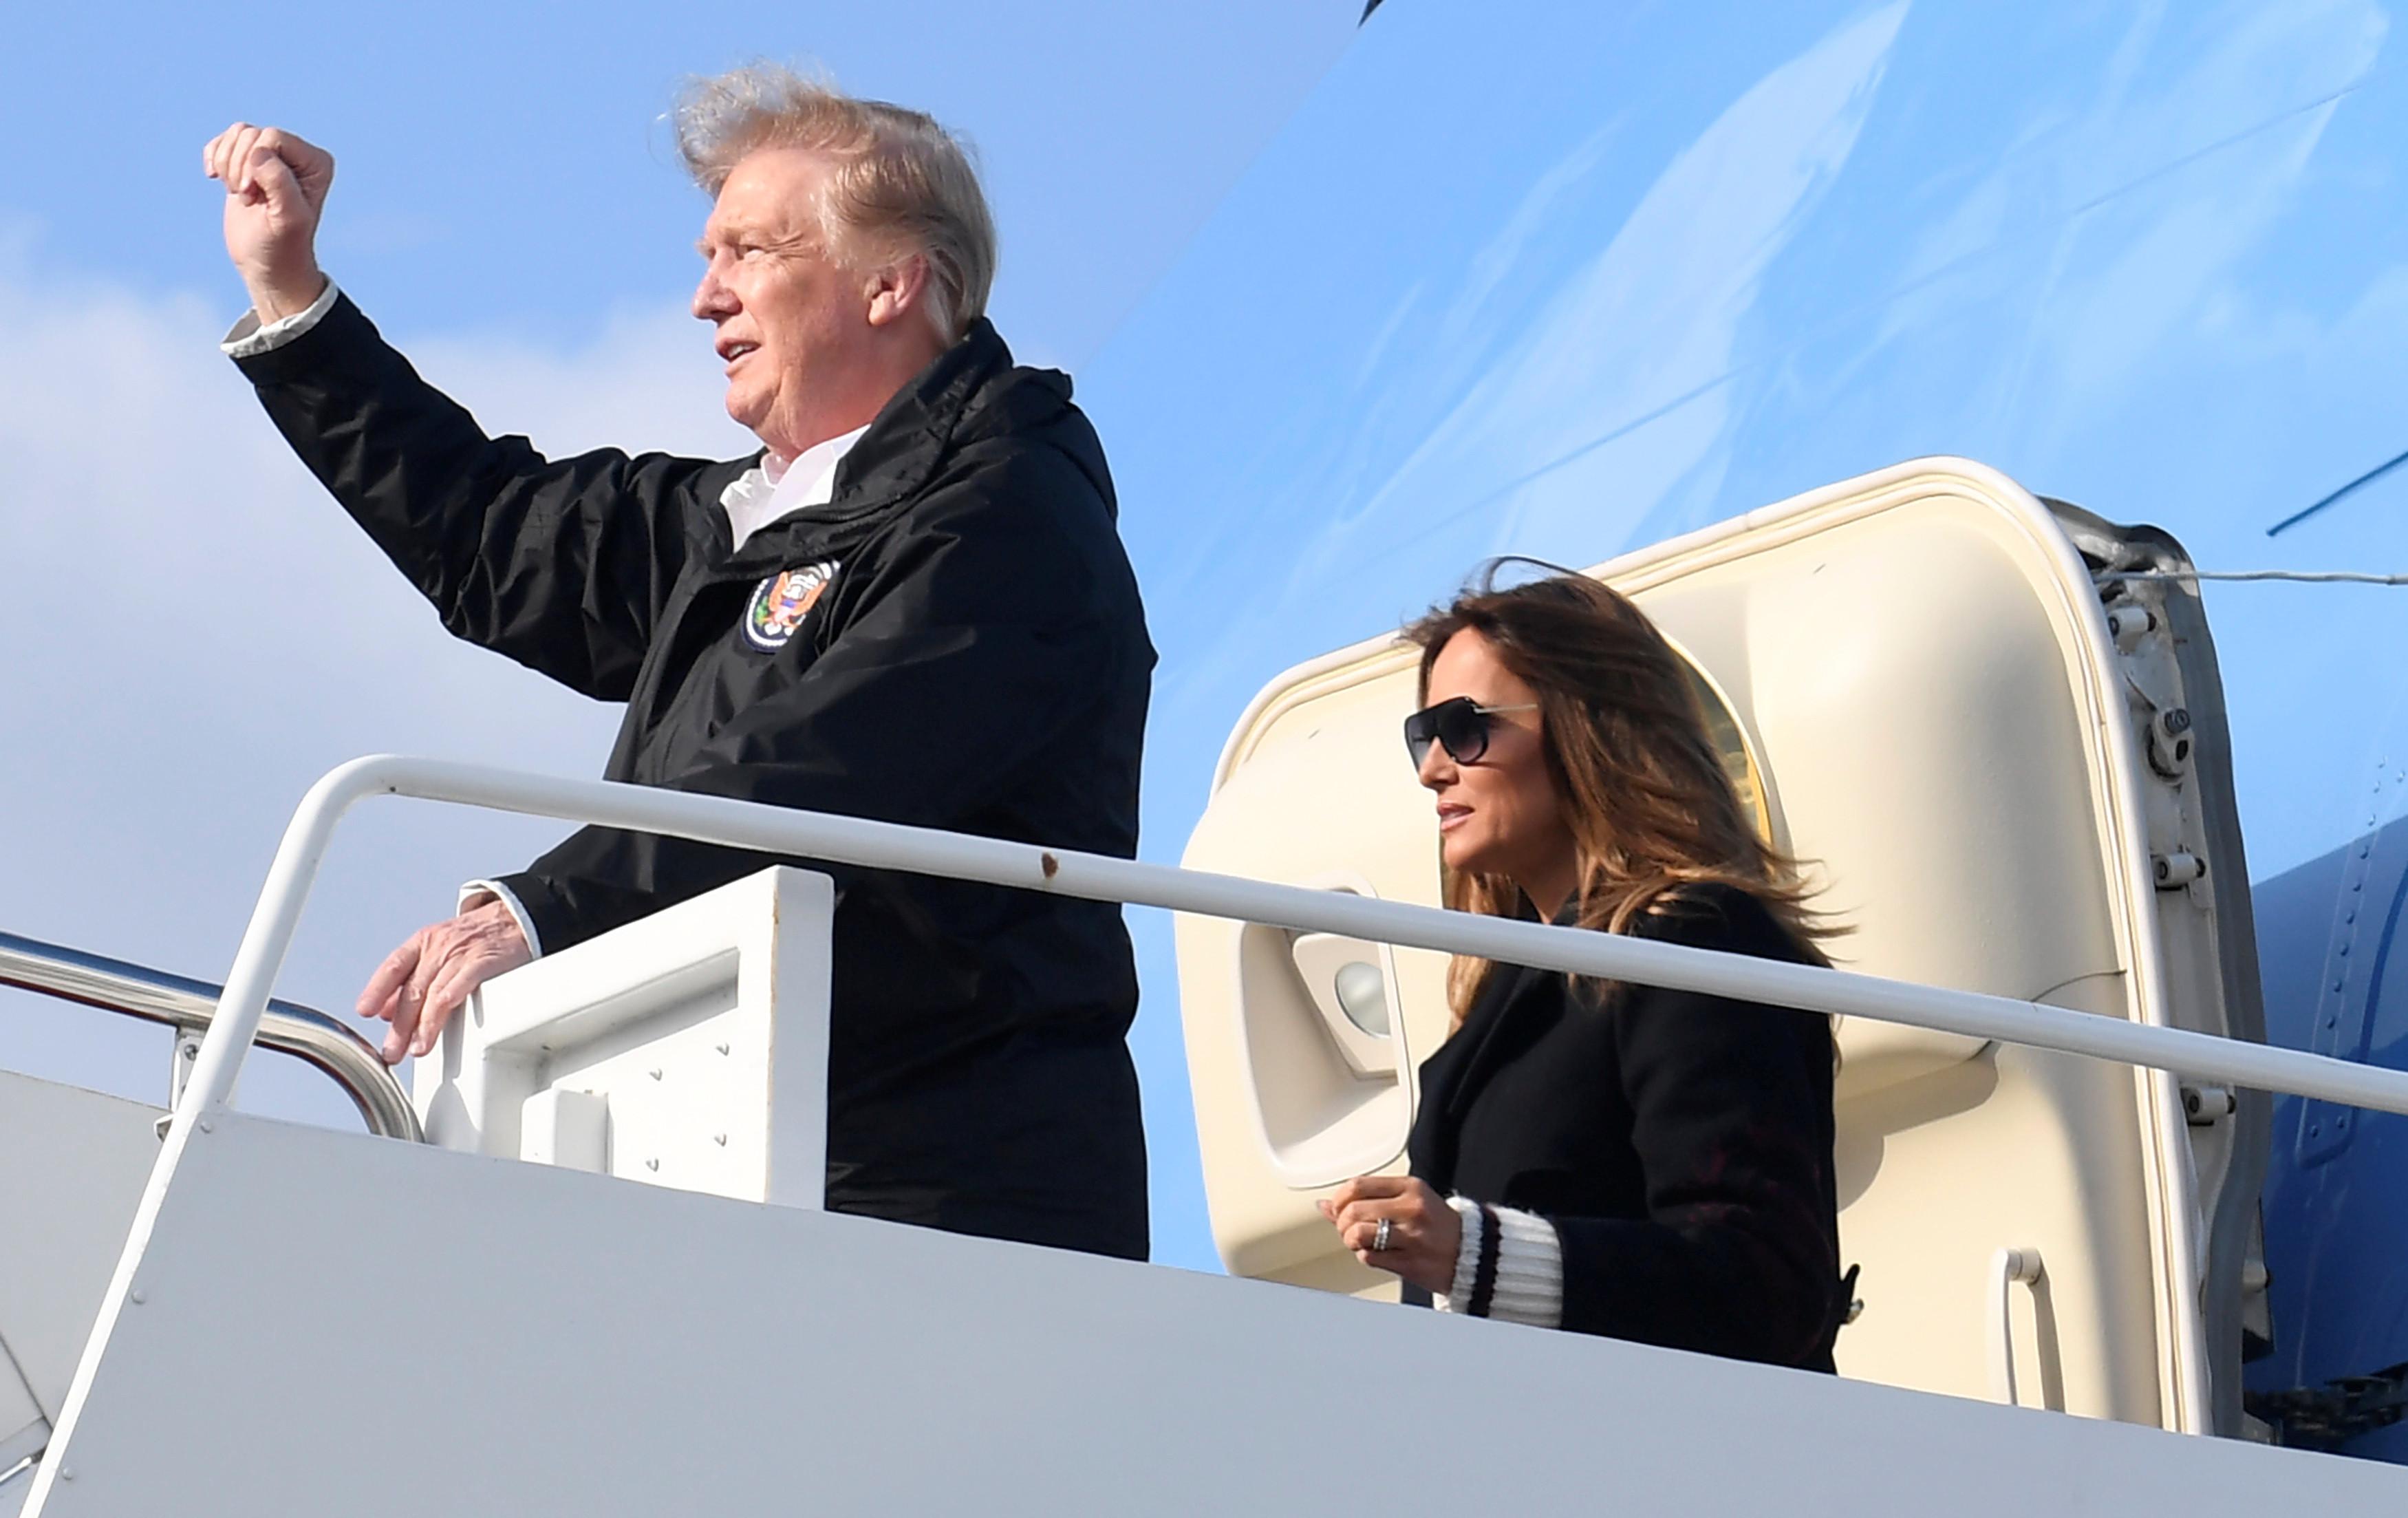 Há novos rumores de que Trump anda acompanhado por 'falsa' Melania